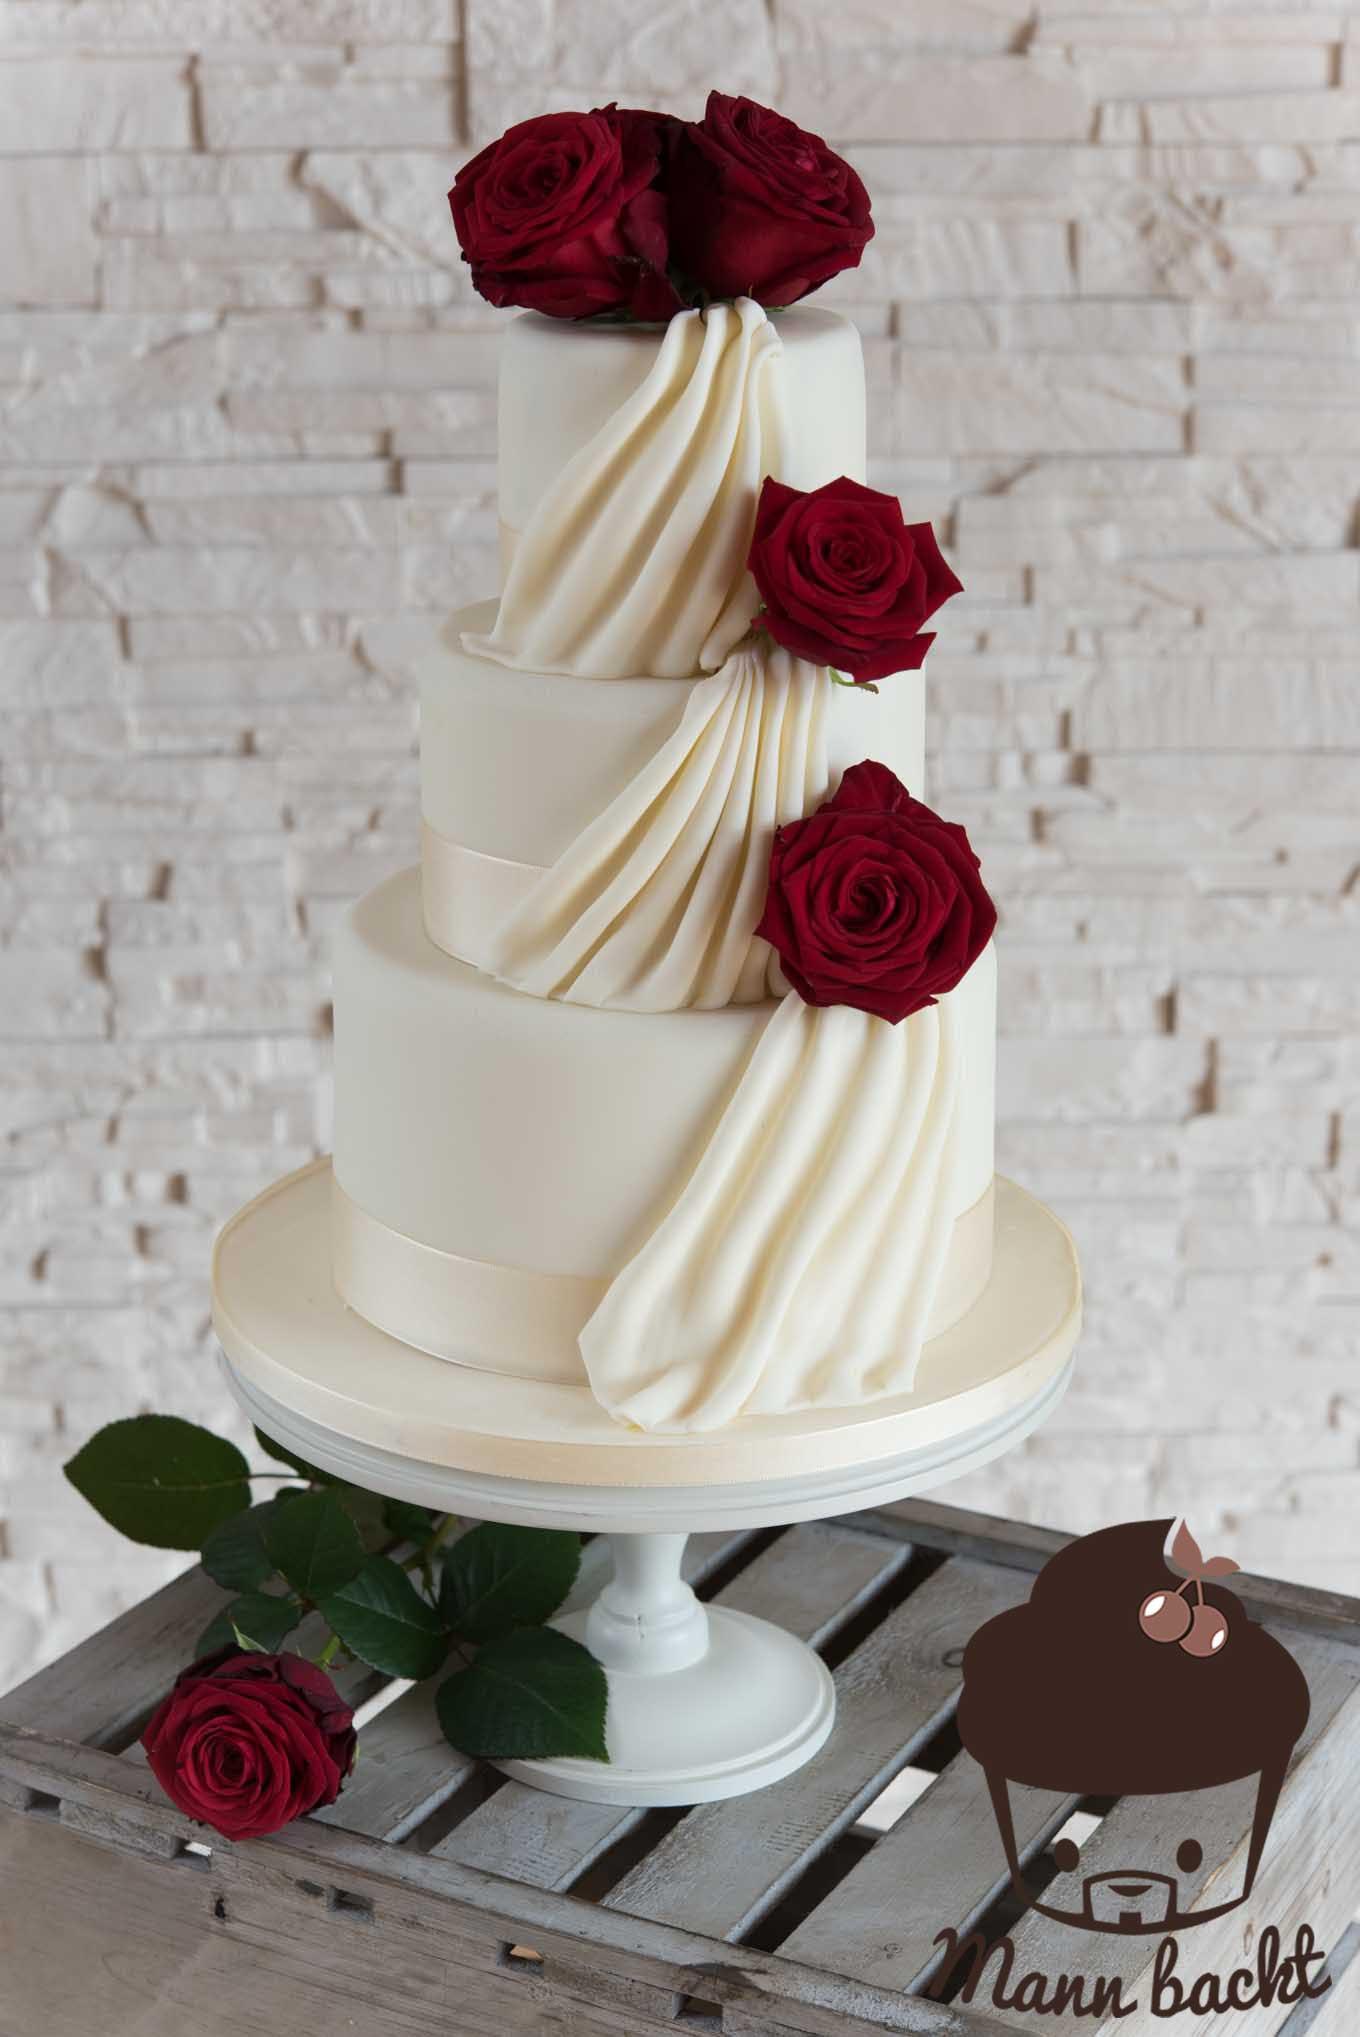 Hochzeitstorte Mit Rosen  Klassisch elegante Hochzeitstorte mit echten Rosen [und